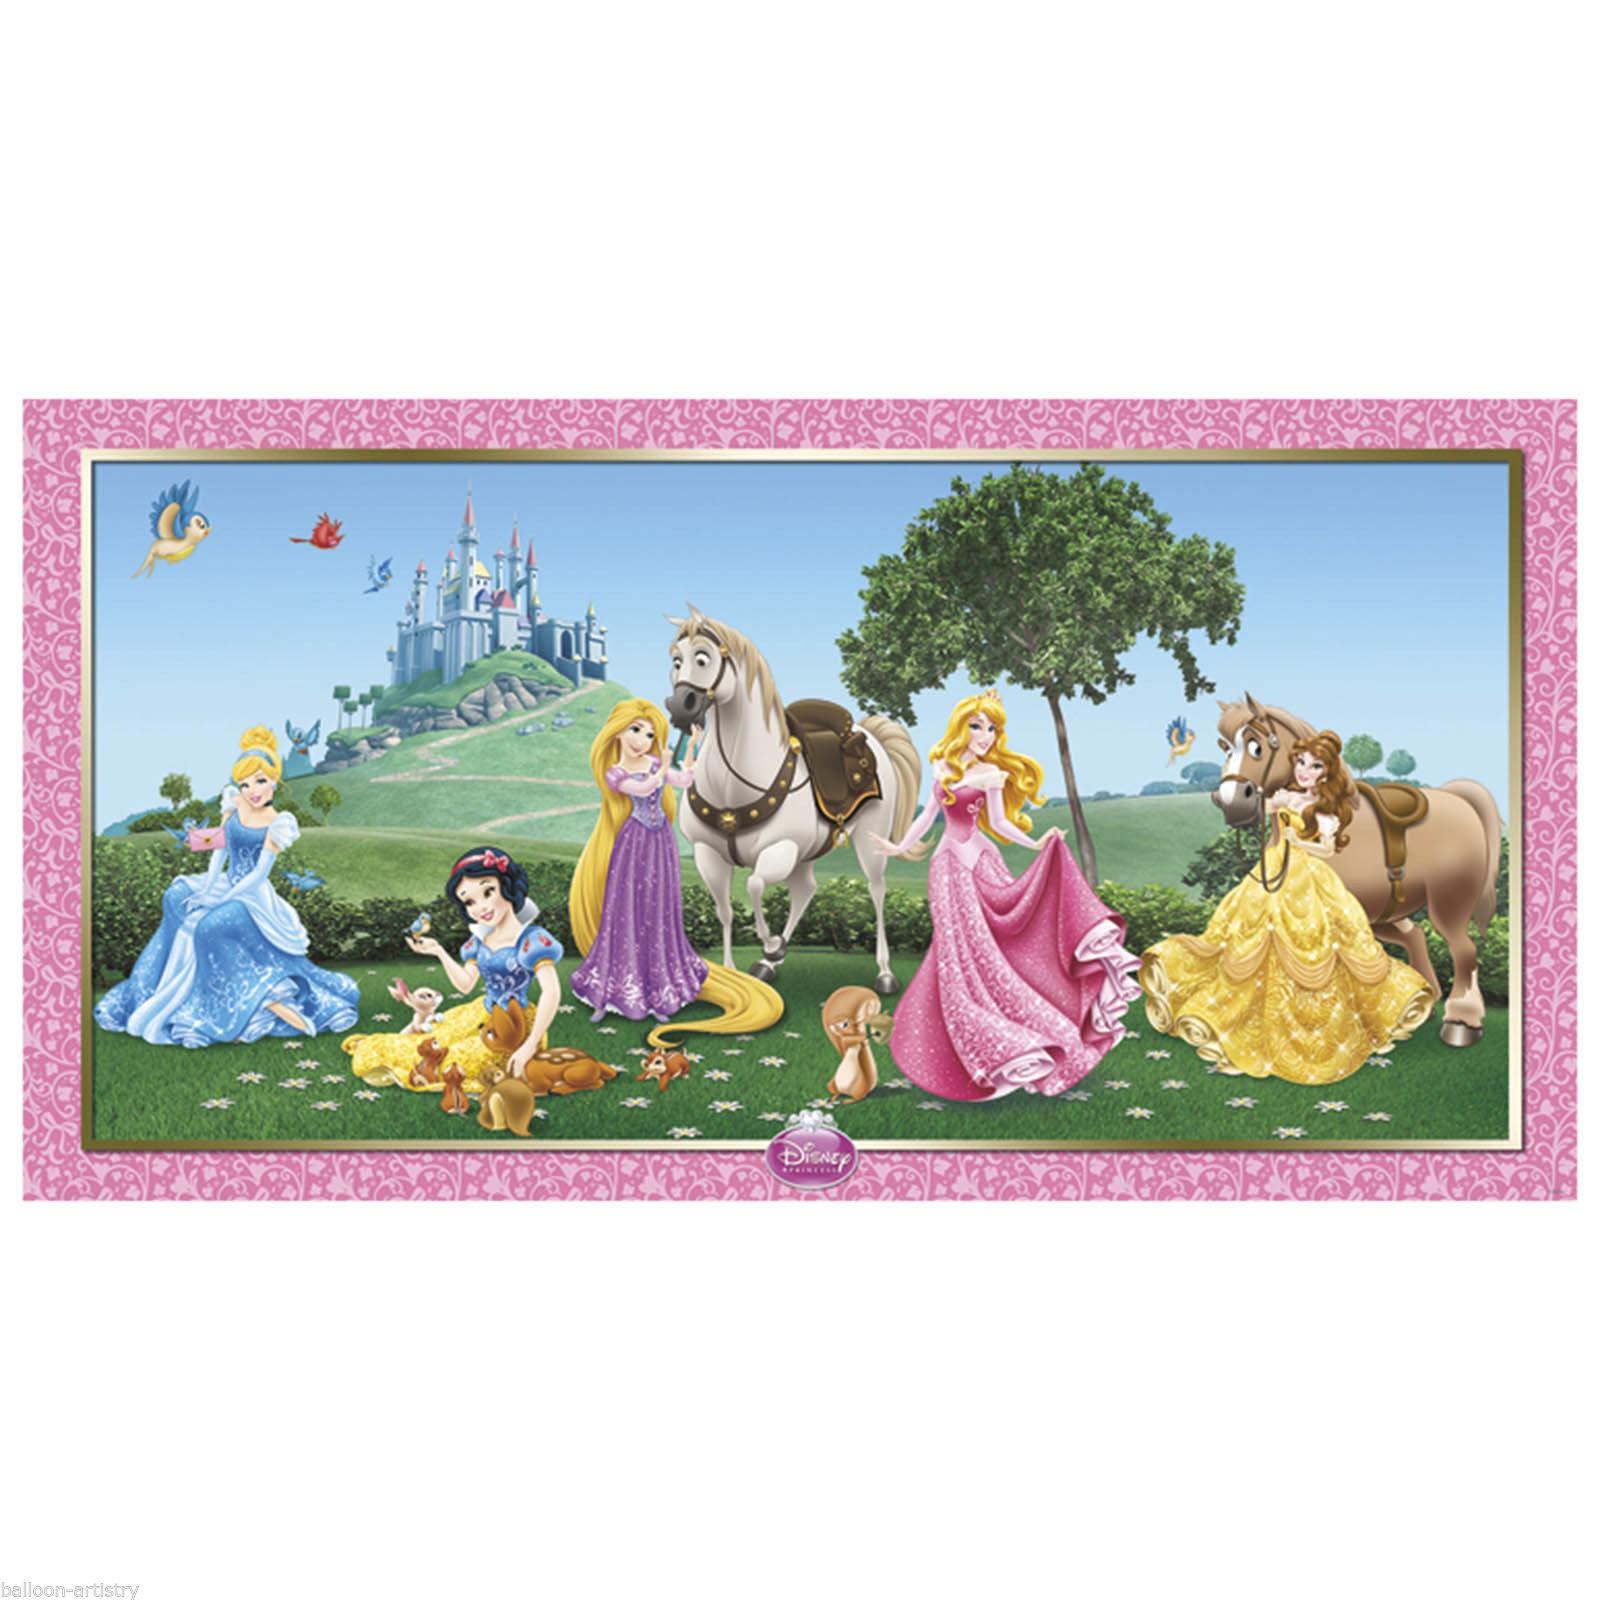 Billede af Disney Prinsesser væg banner